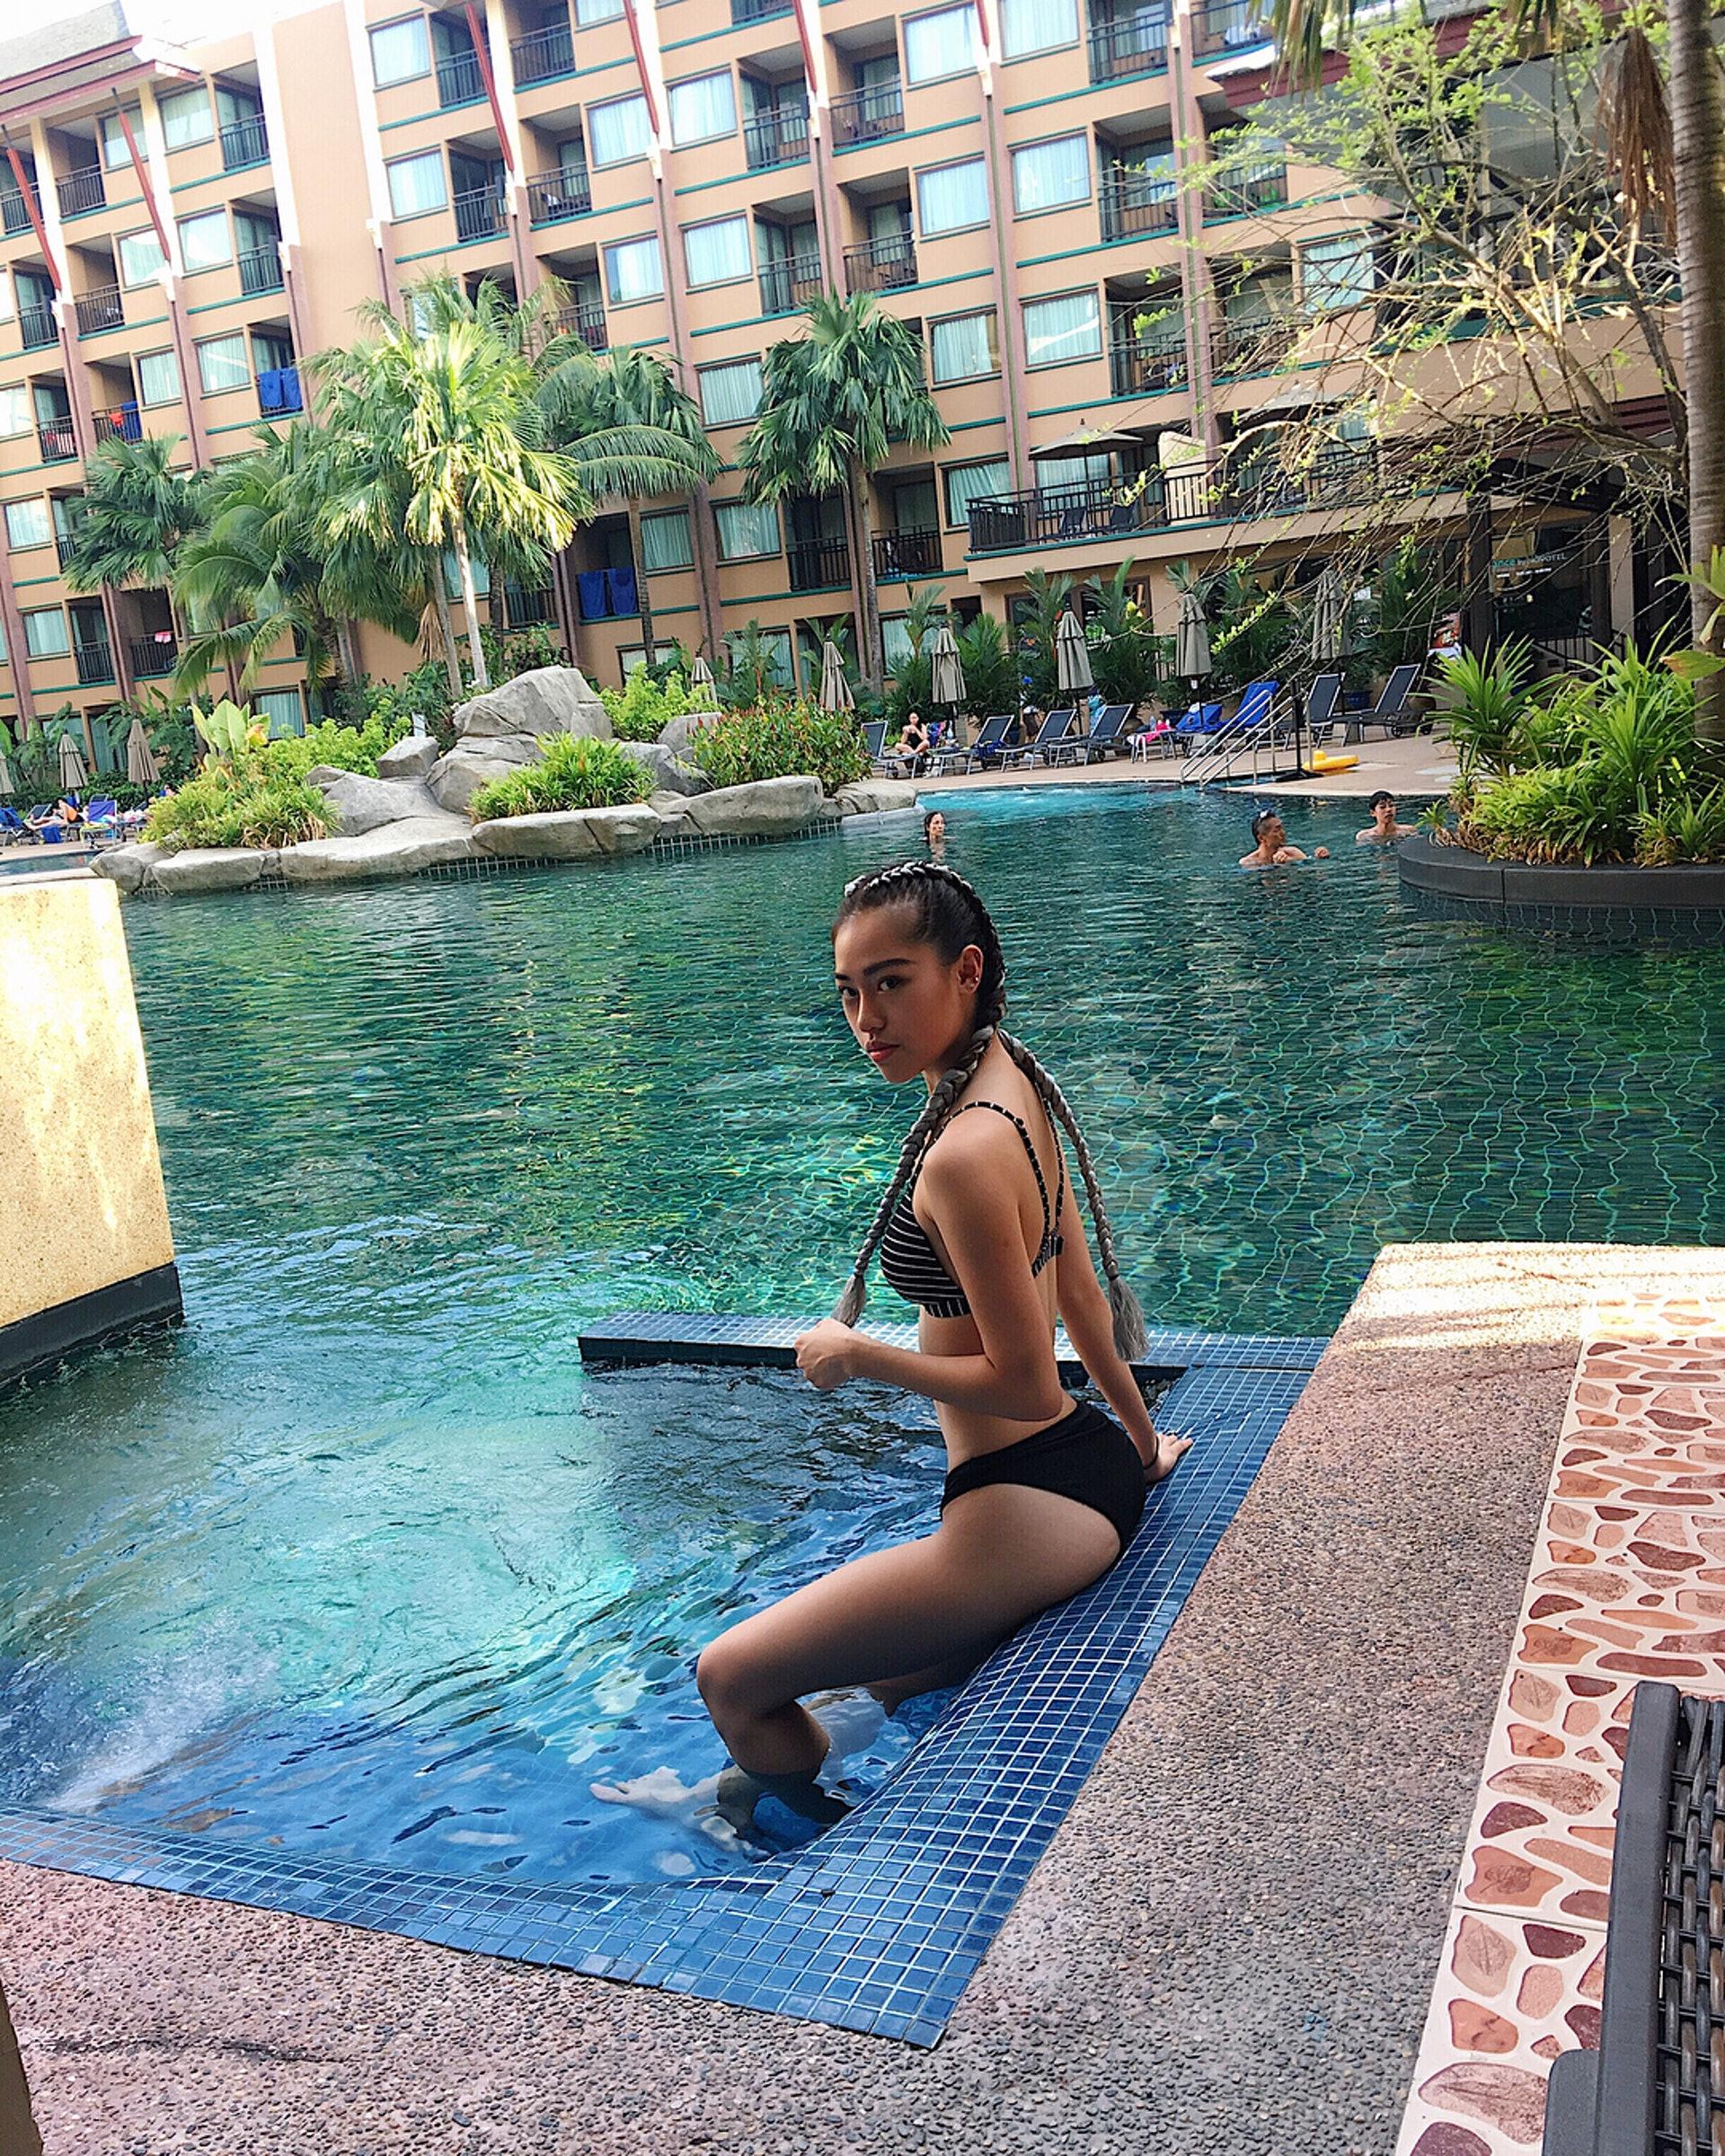 【#大馬網紅】Celine喜歡水上運動,當然少不免有泳衣照。(IG「celine13_」圖片)